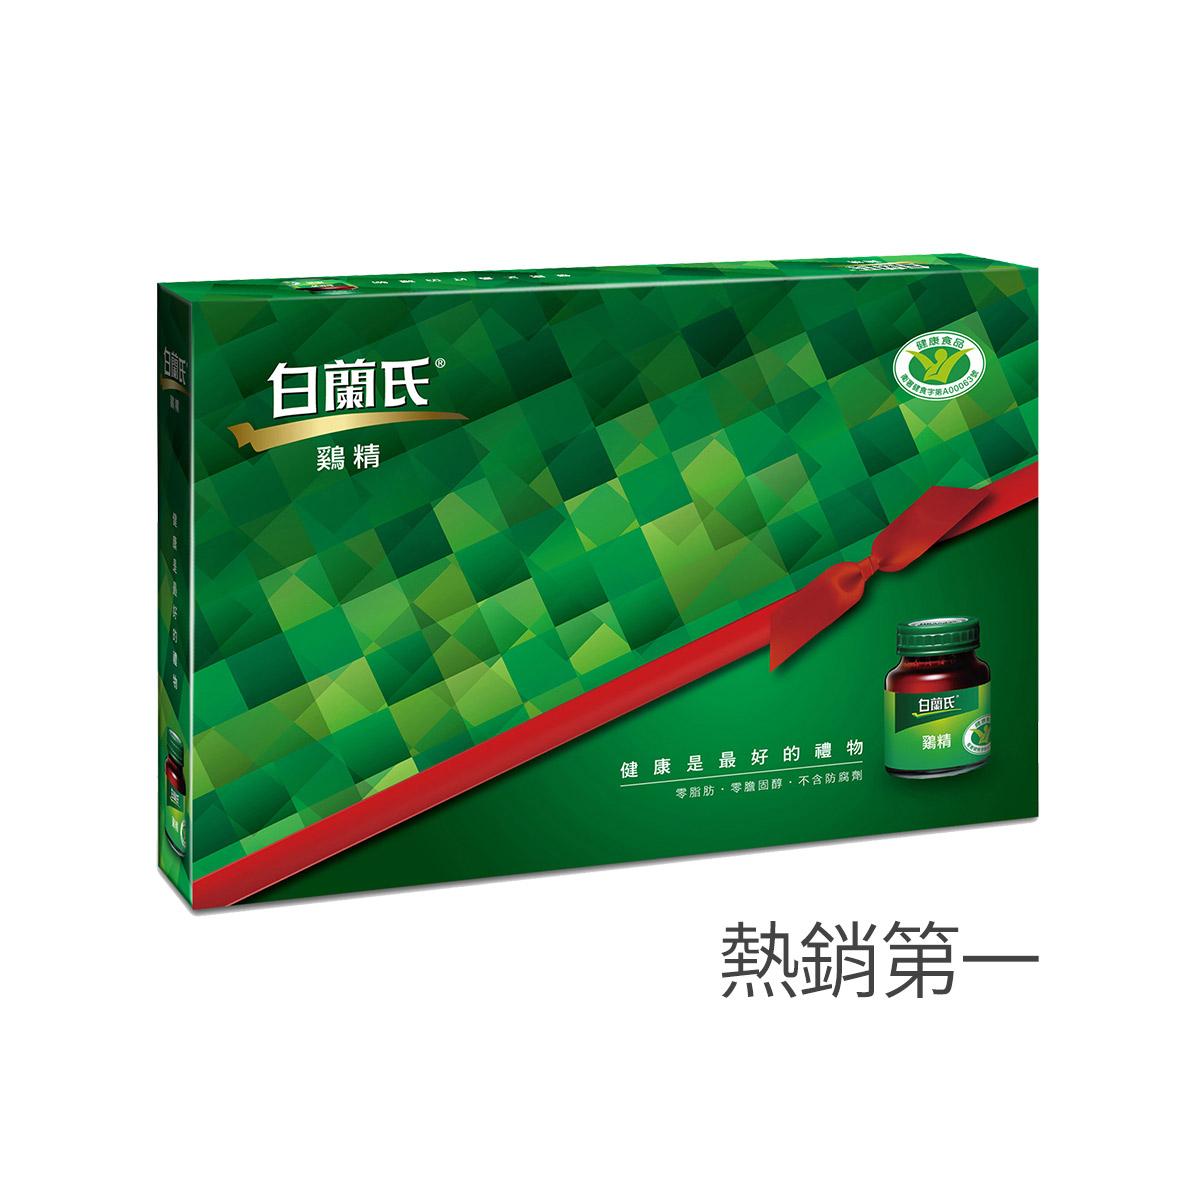 【送禮送健康 熱銷禮盒第一名】白蘭氏雞精 68mlx12瓶禮盒裝